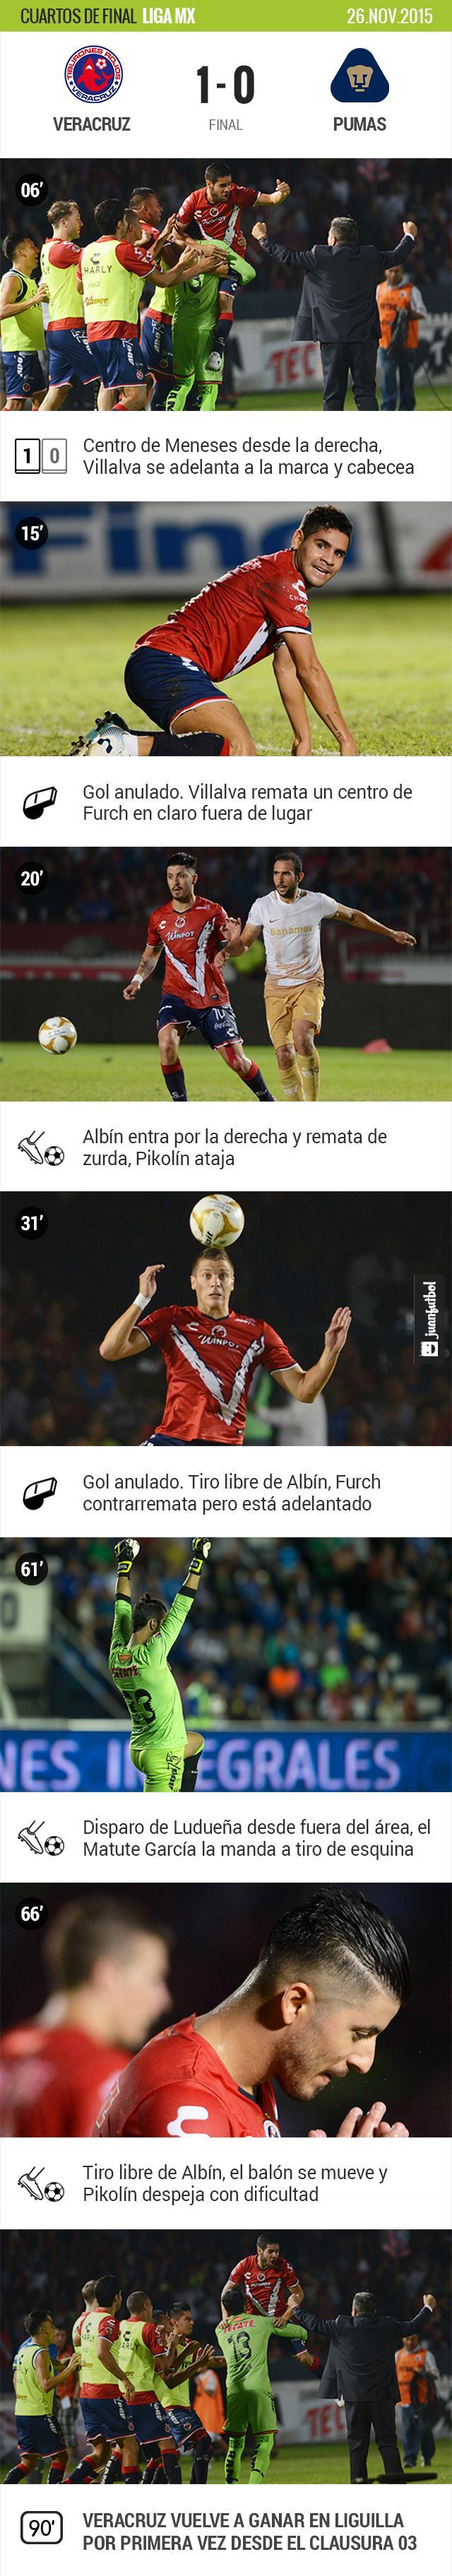 Veracruz-Pumas